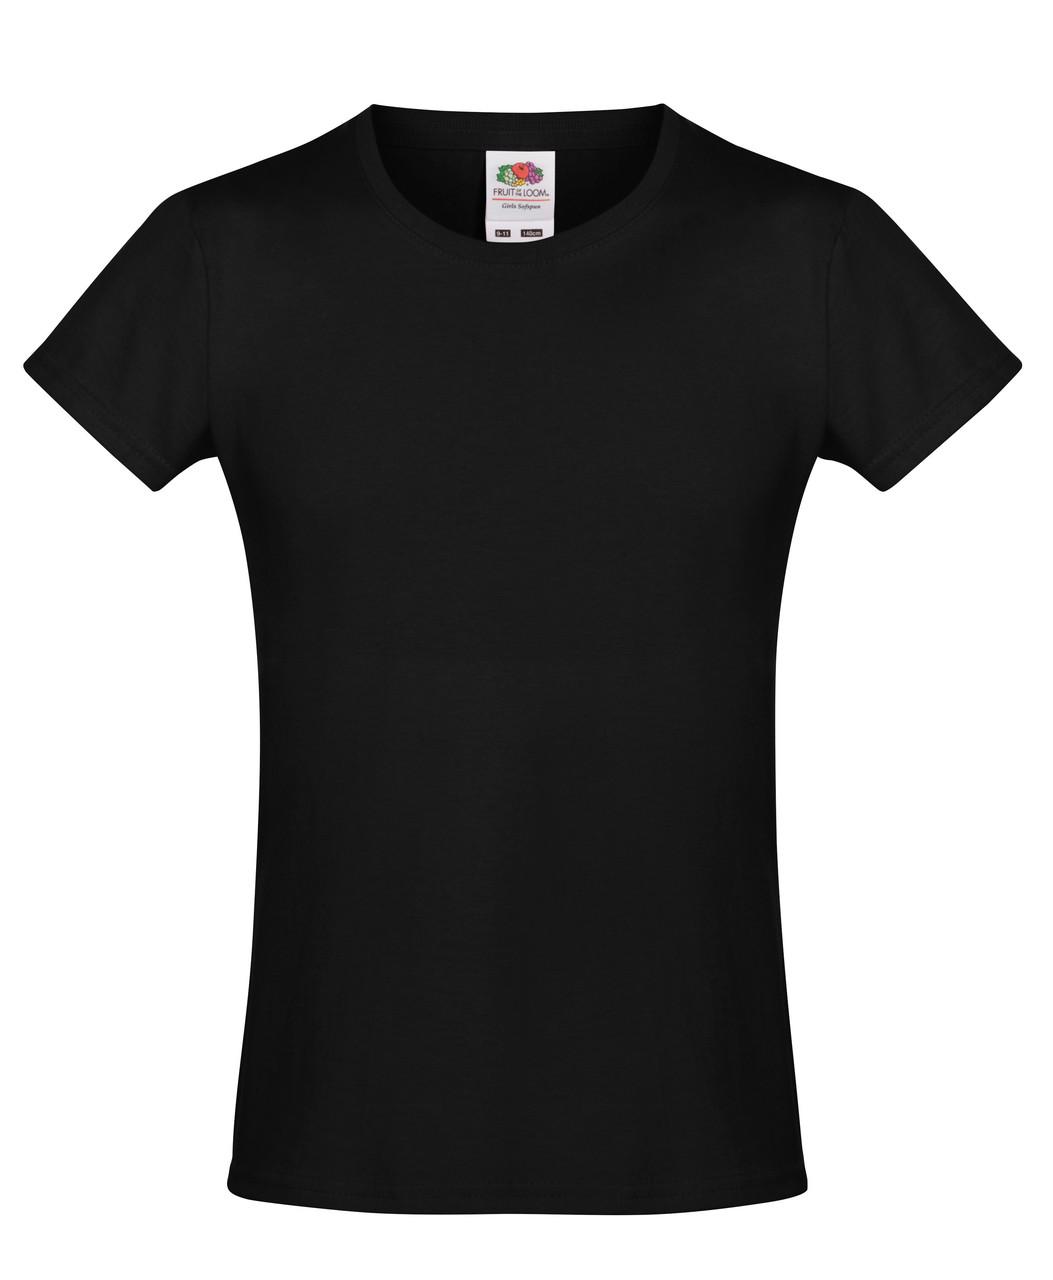 Детская футболка Мягкая для Девочек Чёрная Fruit of the loom 61-017-36 5-6